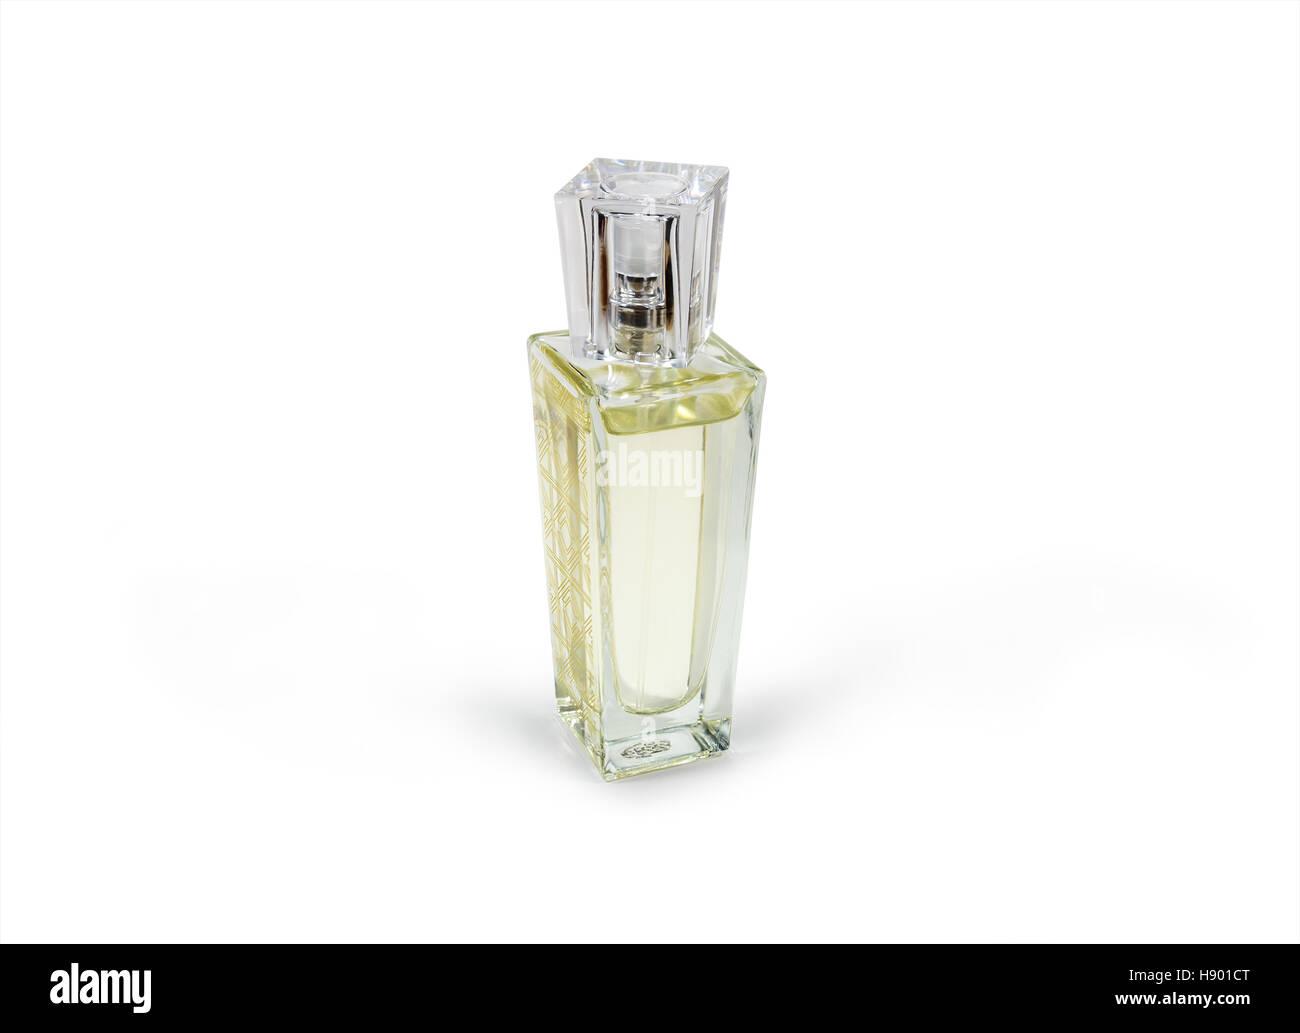 Elegant bottle of yellow perfume isolated on white background - Stock Image